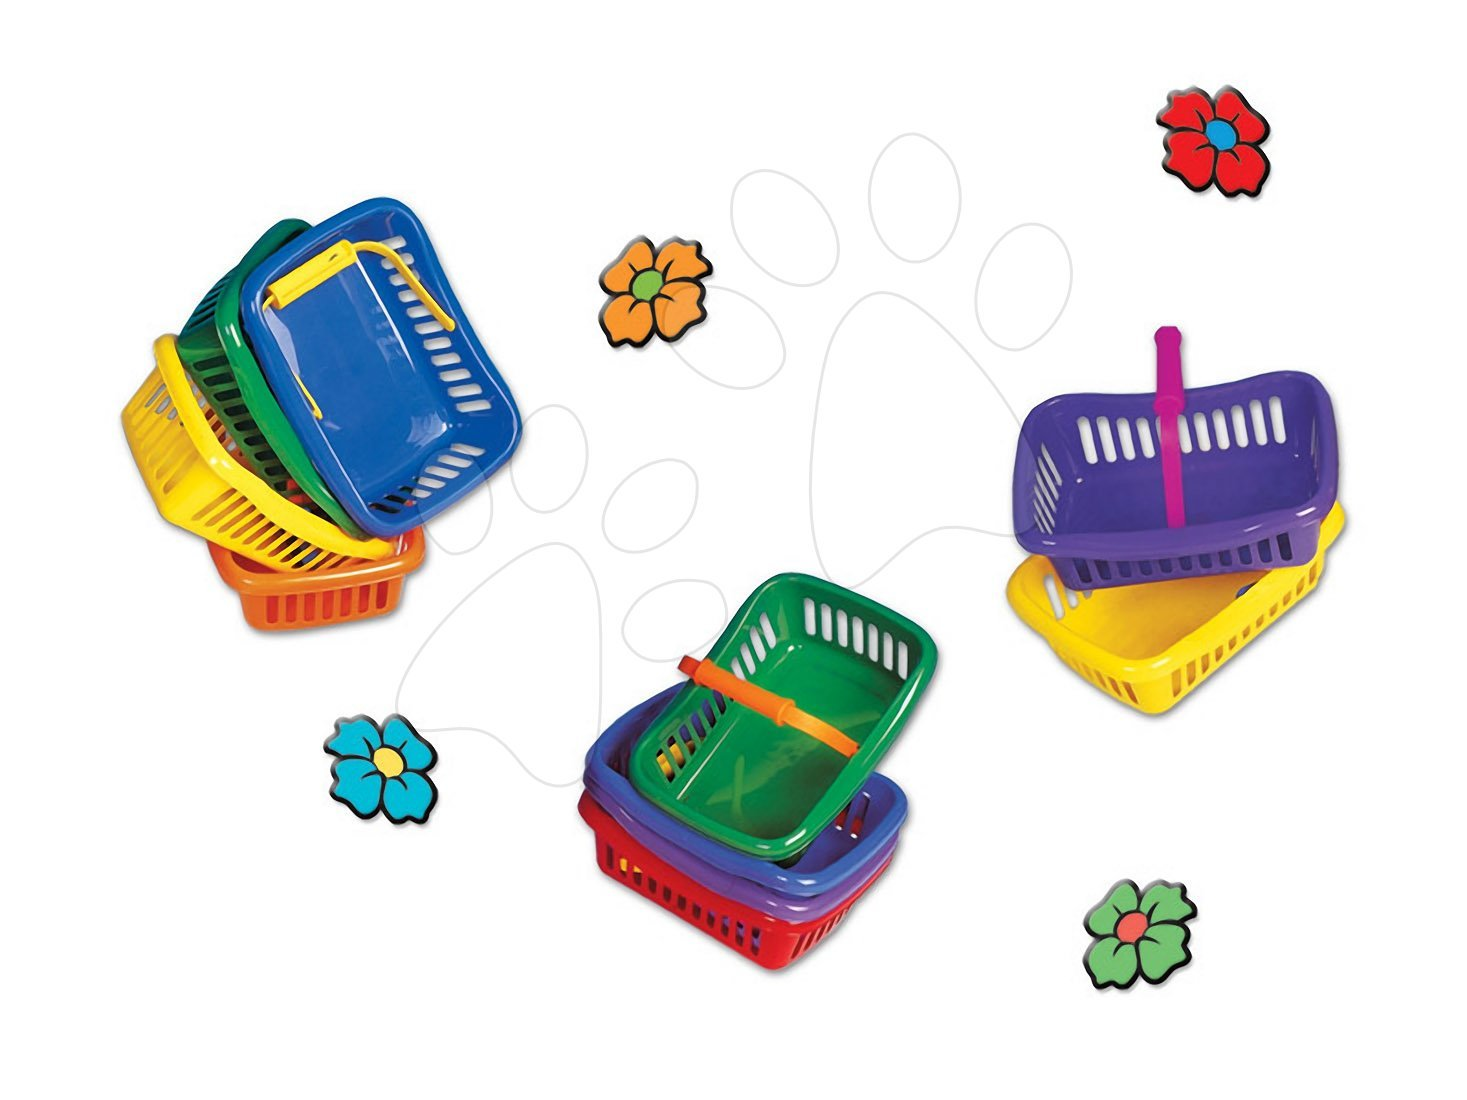 Piknikový košík Dohány malý rôžne farby